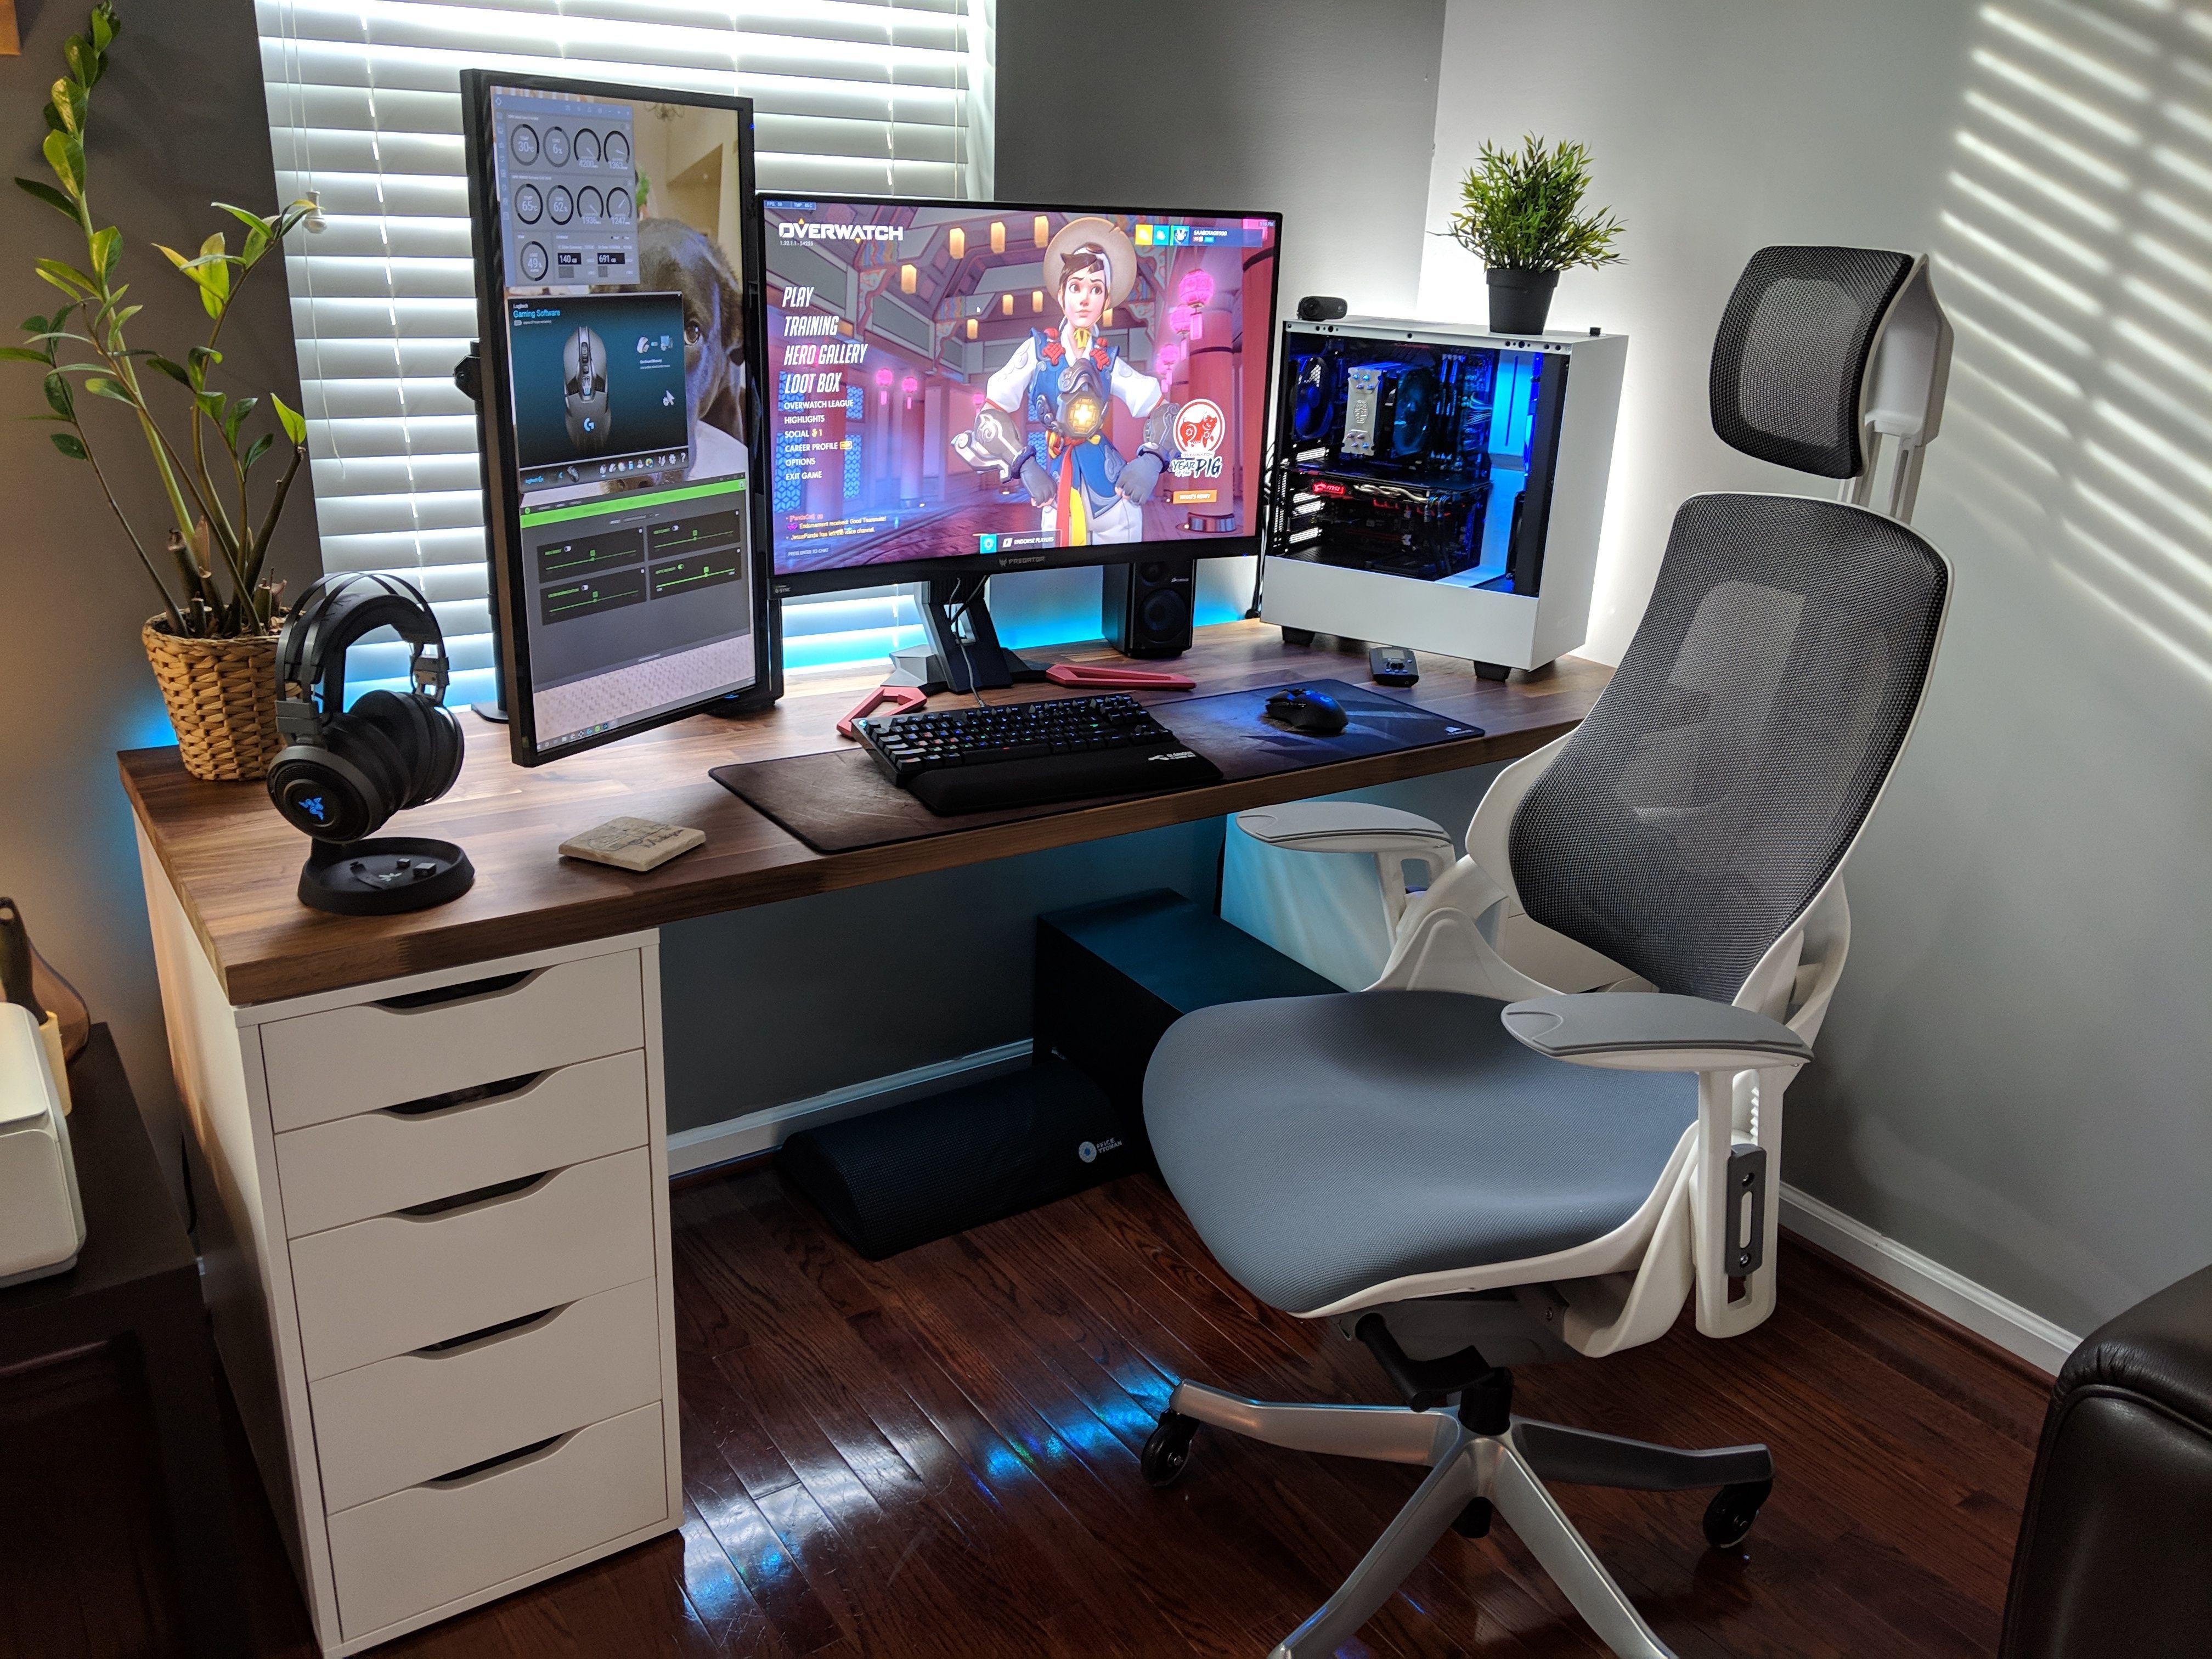 Best Office Chair Under 1000 Reddit